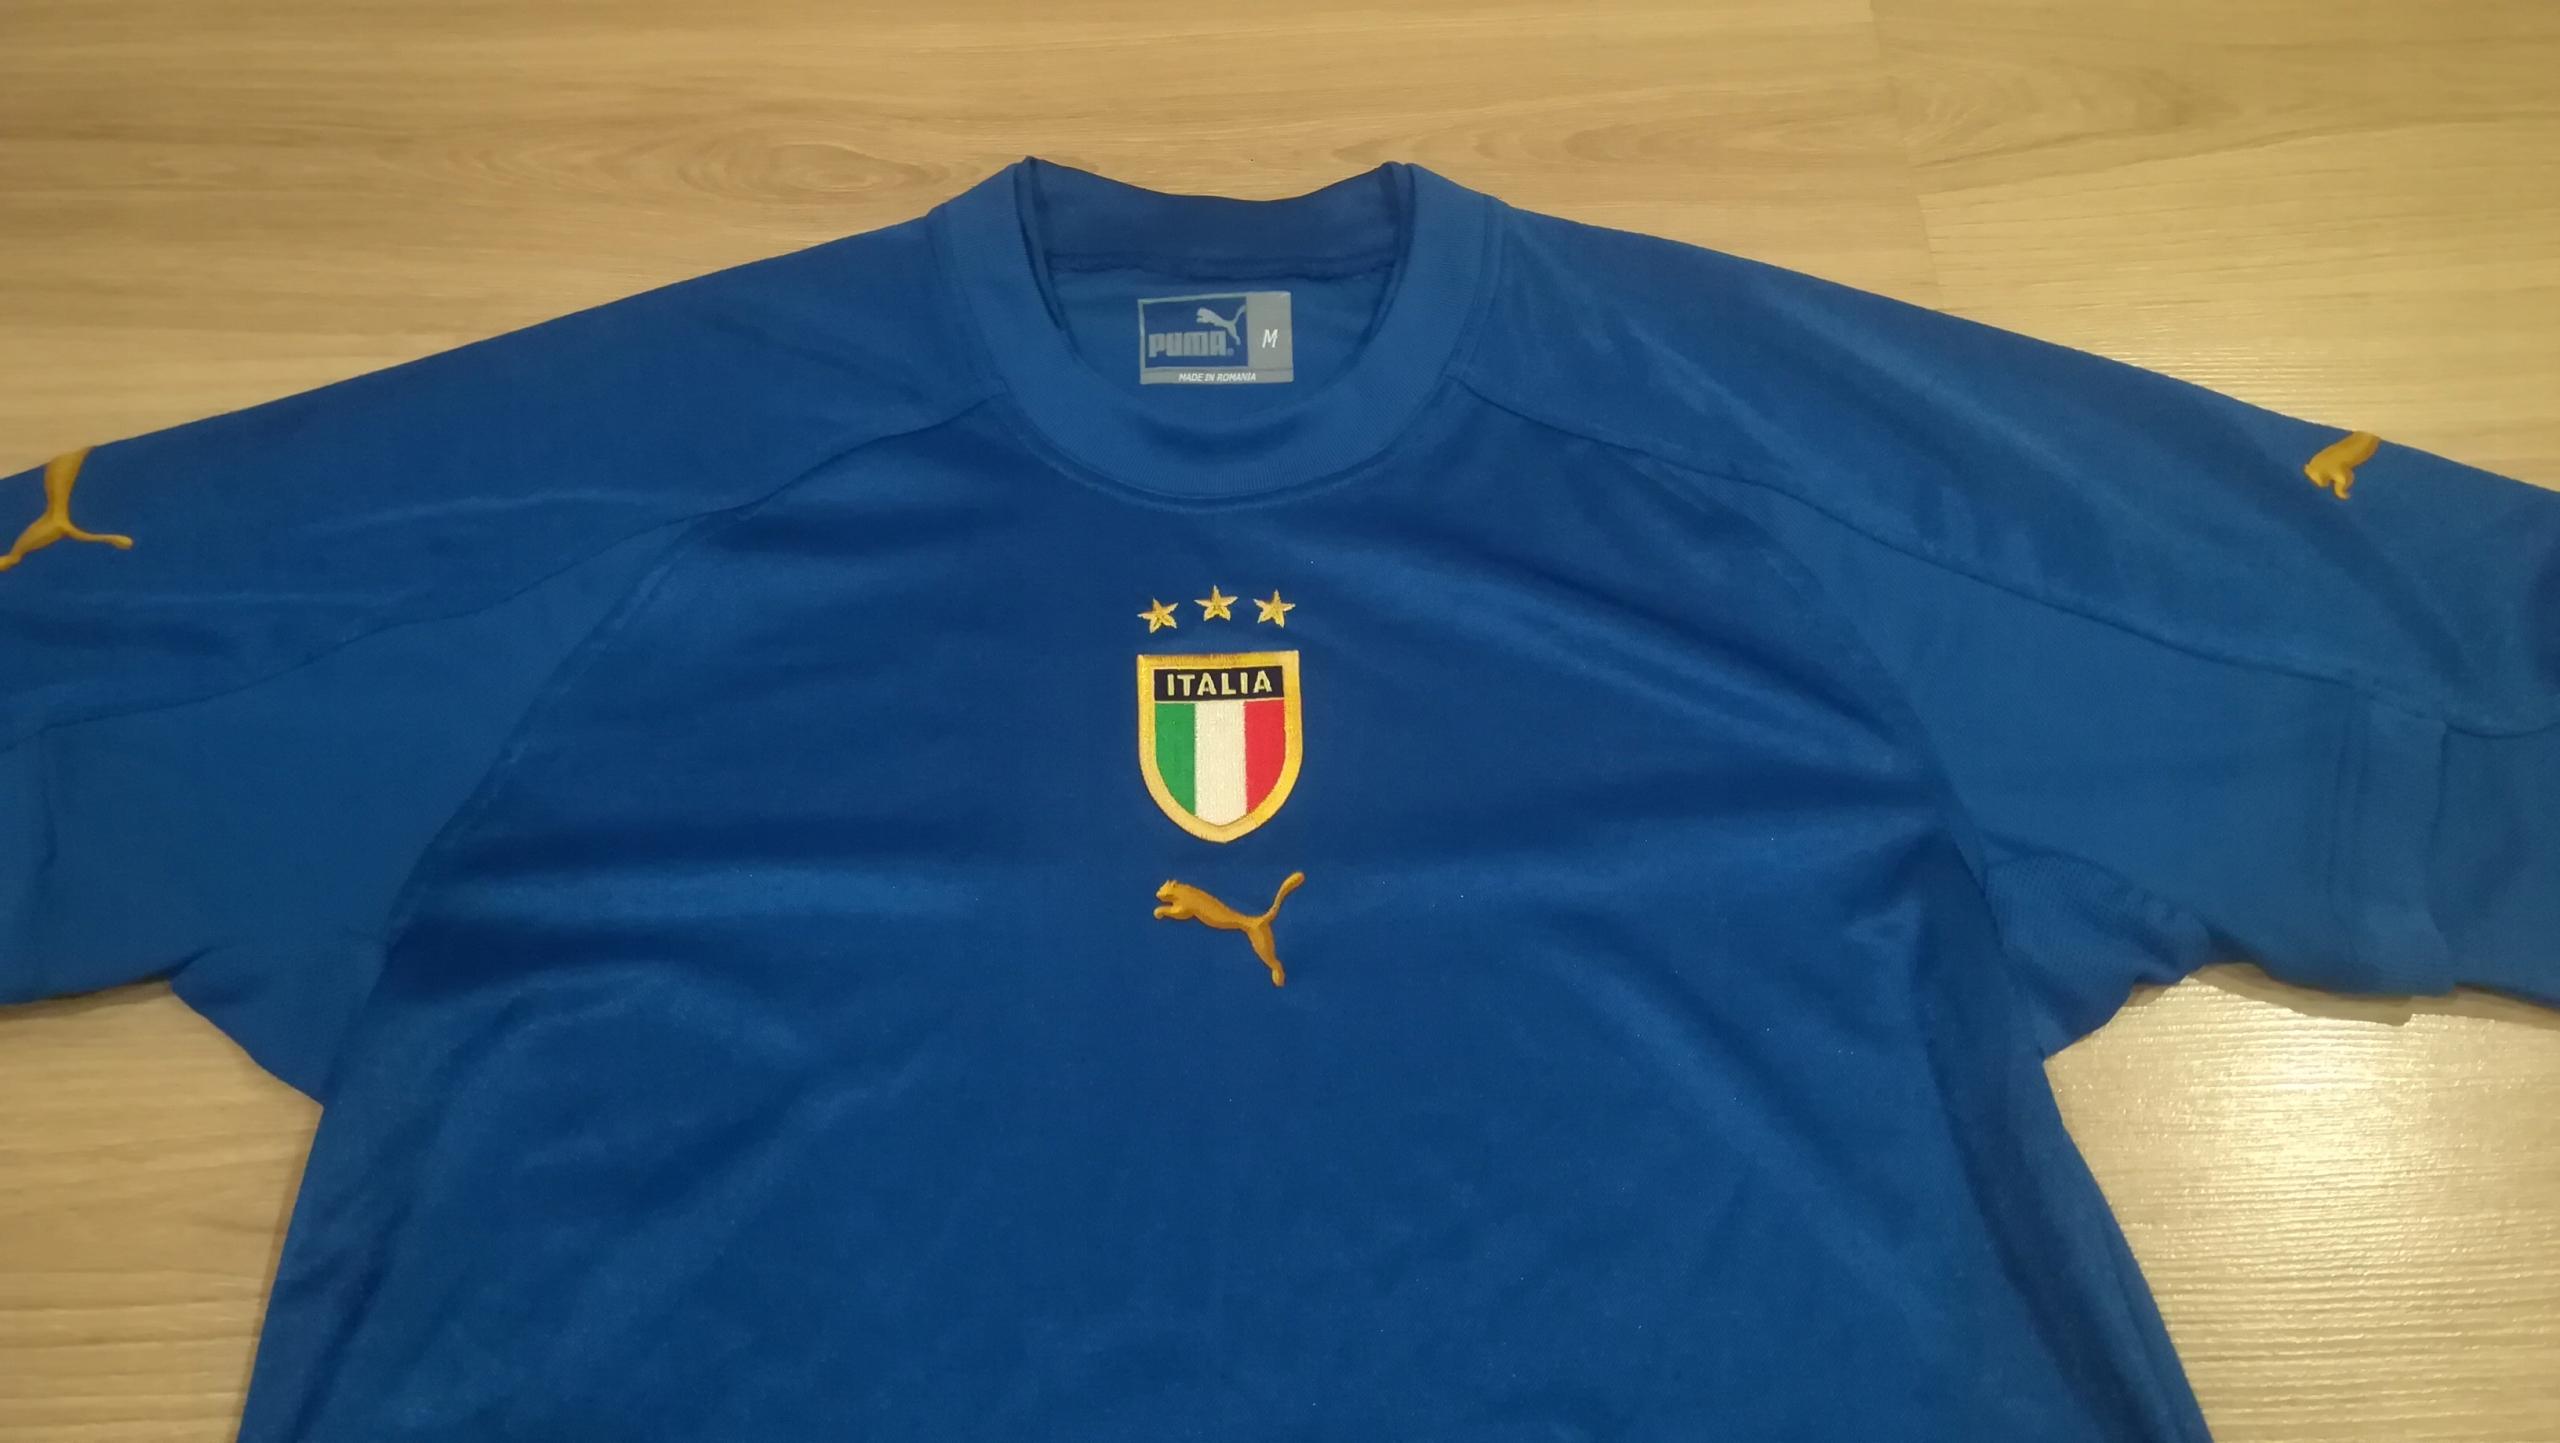 Puma koszulka Włochy home 2004-06 unikat